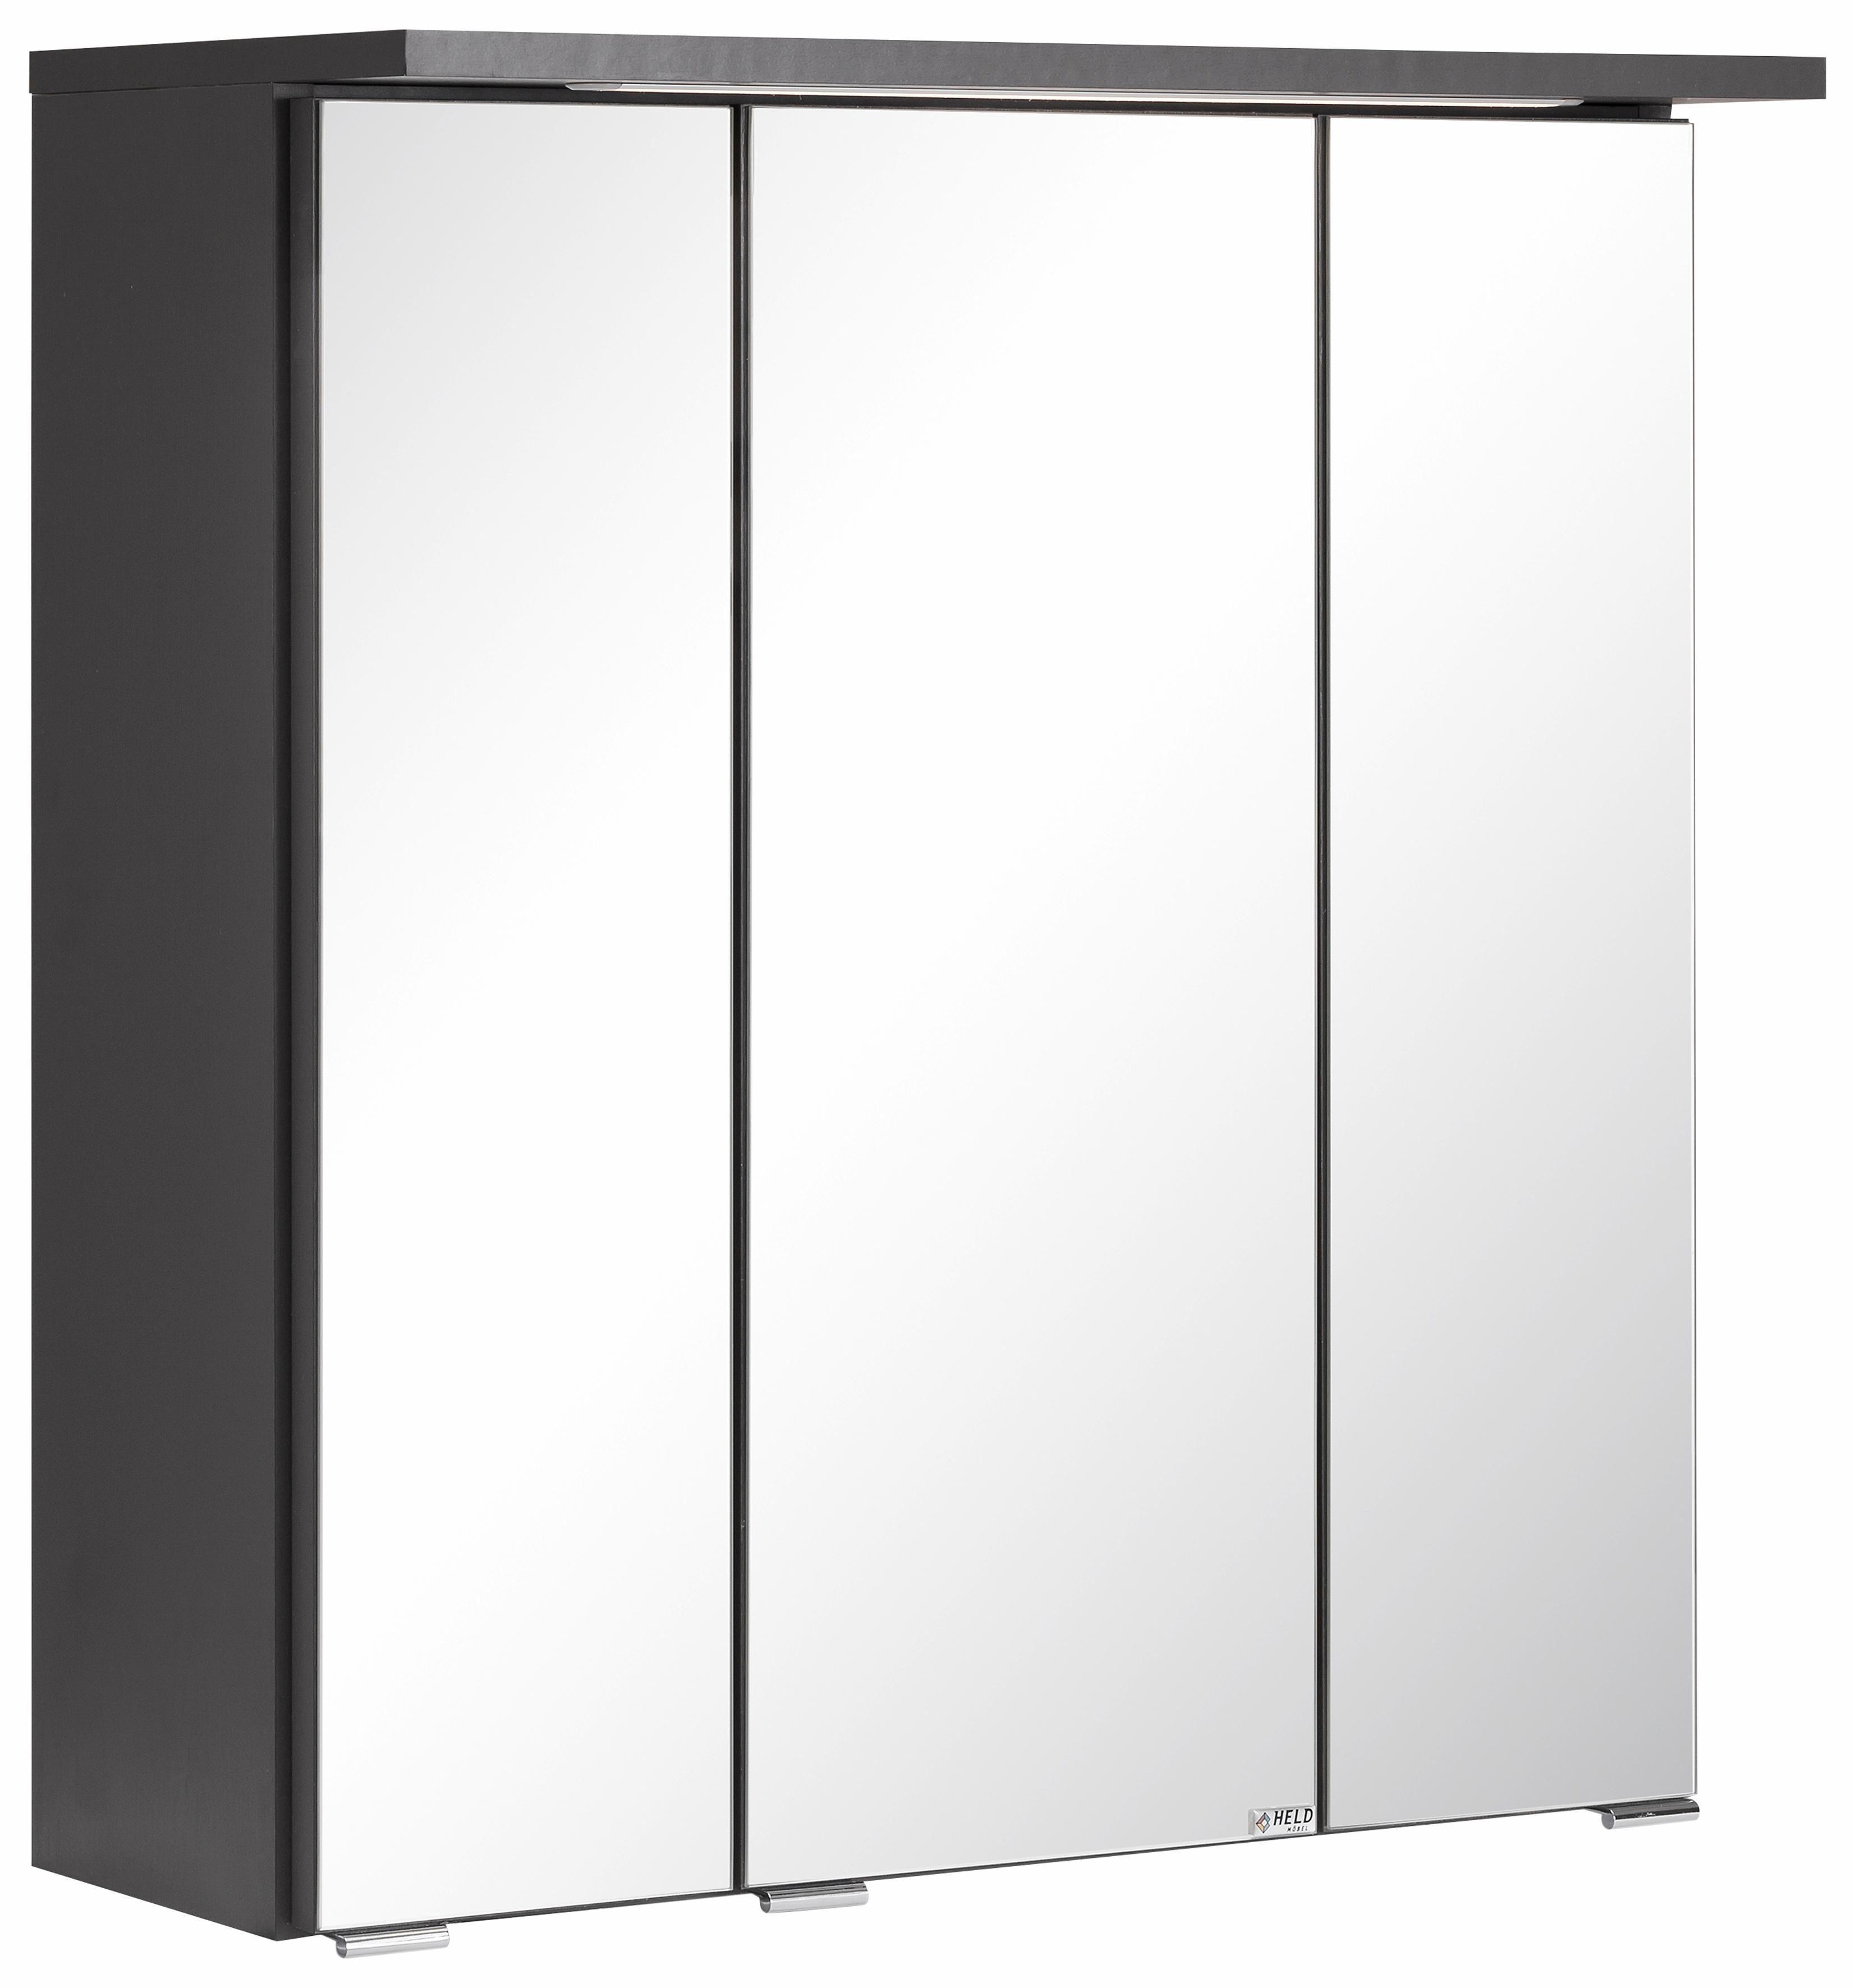 Schön Spiegelschrank online kaufen » Viele Modelle | OTTO KA39